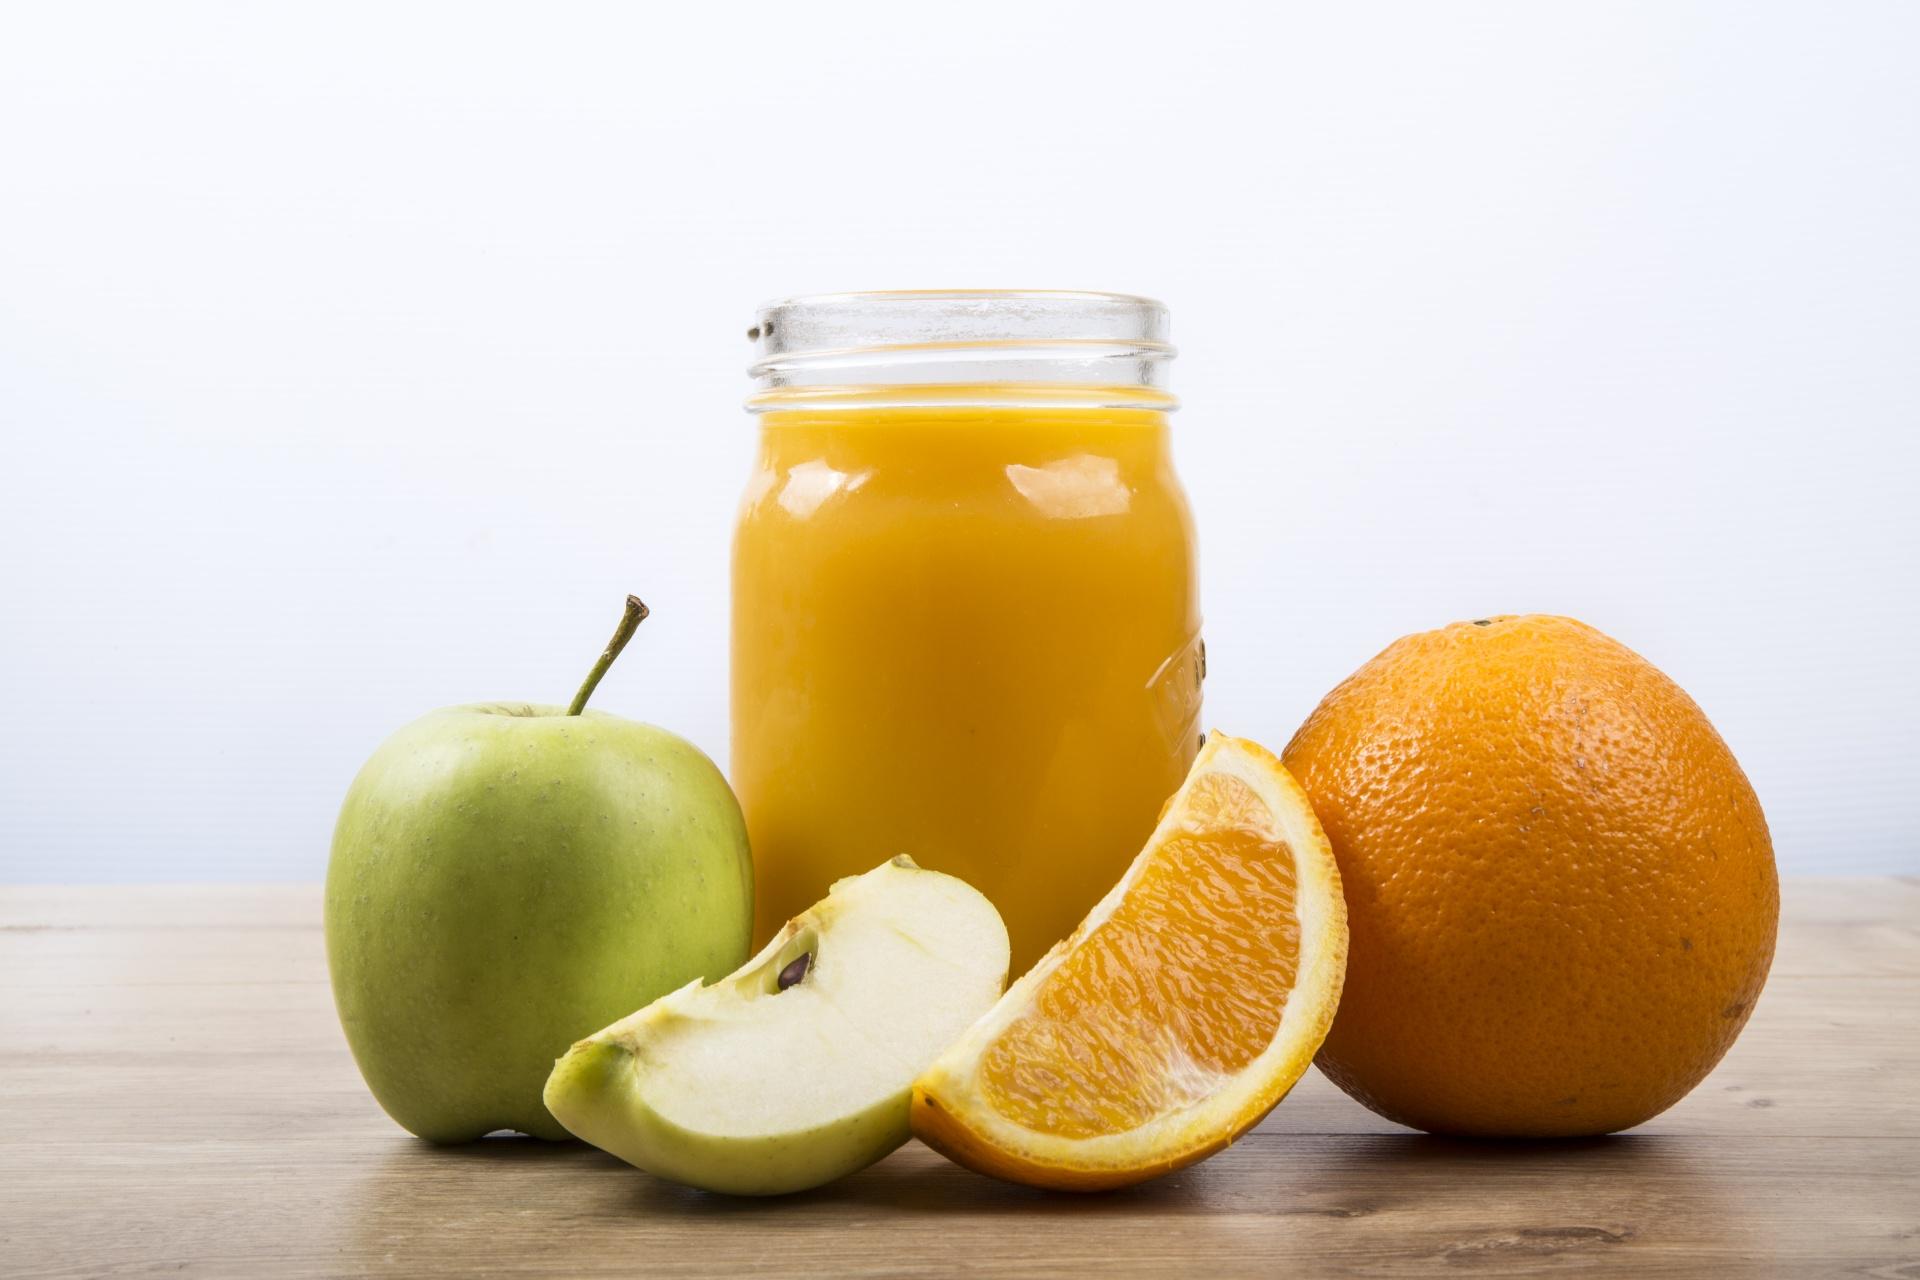 Recomendaciones actuales sobre el consumo de jugo de fruta en niños y adolescentes